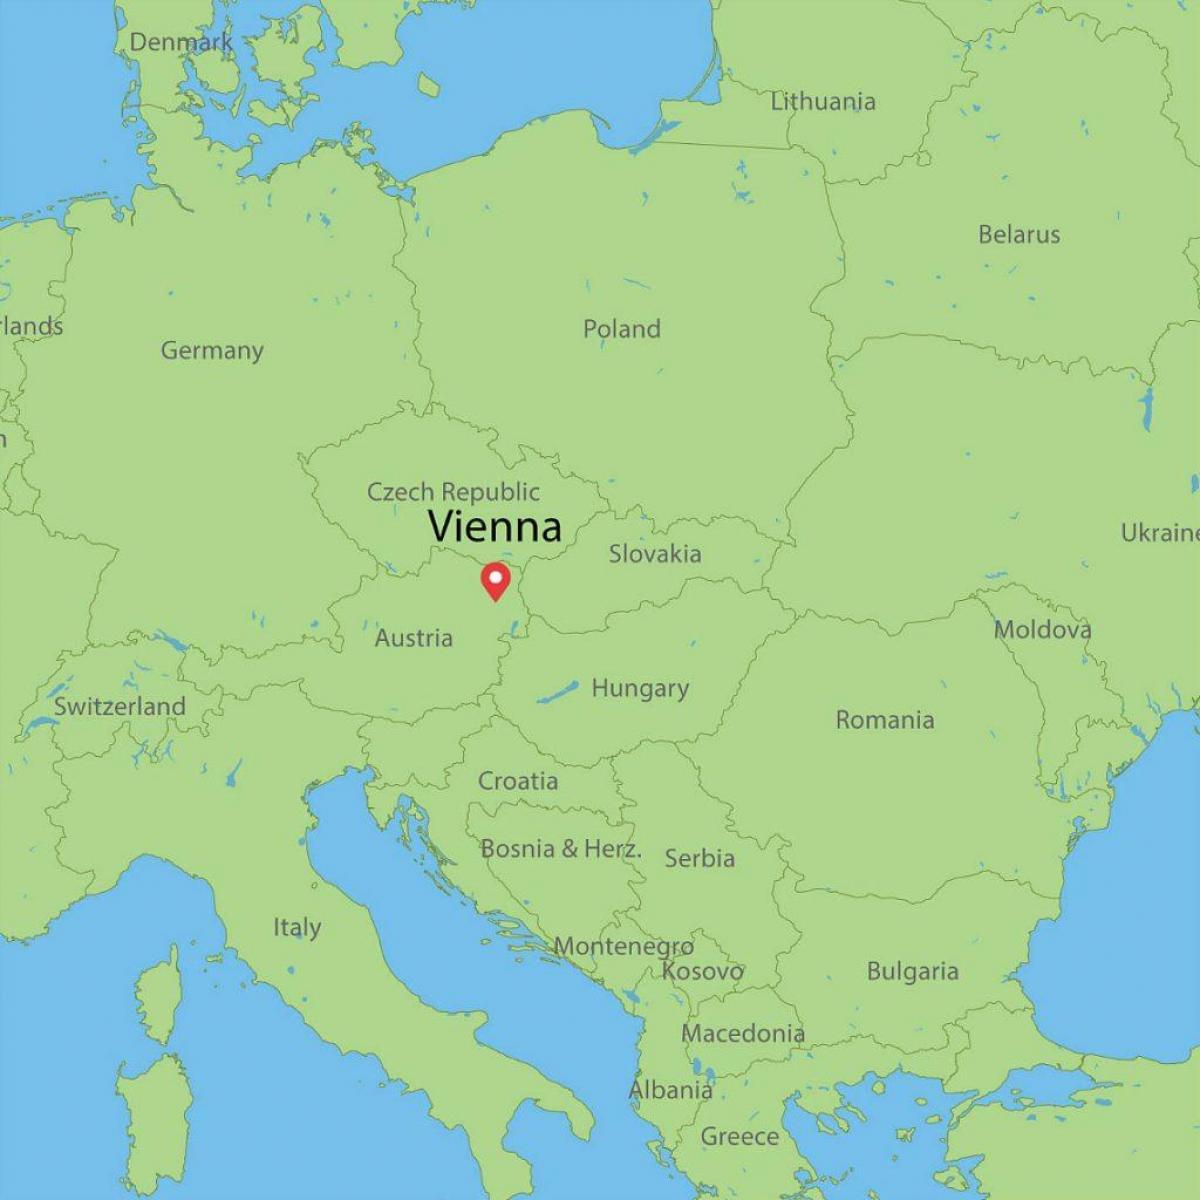 Wien Itavalta Kartta Wien Itavalta Maailman Kartta Lansi